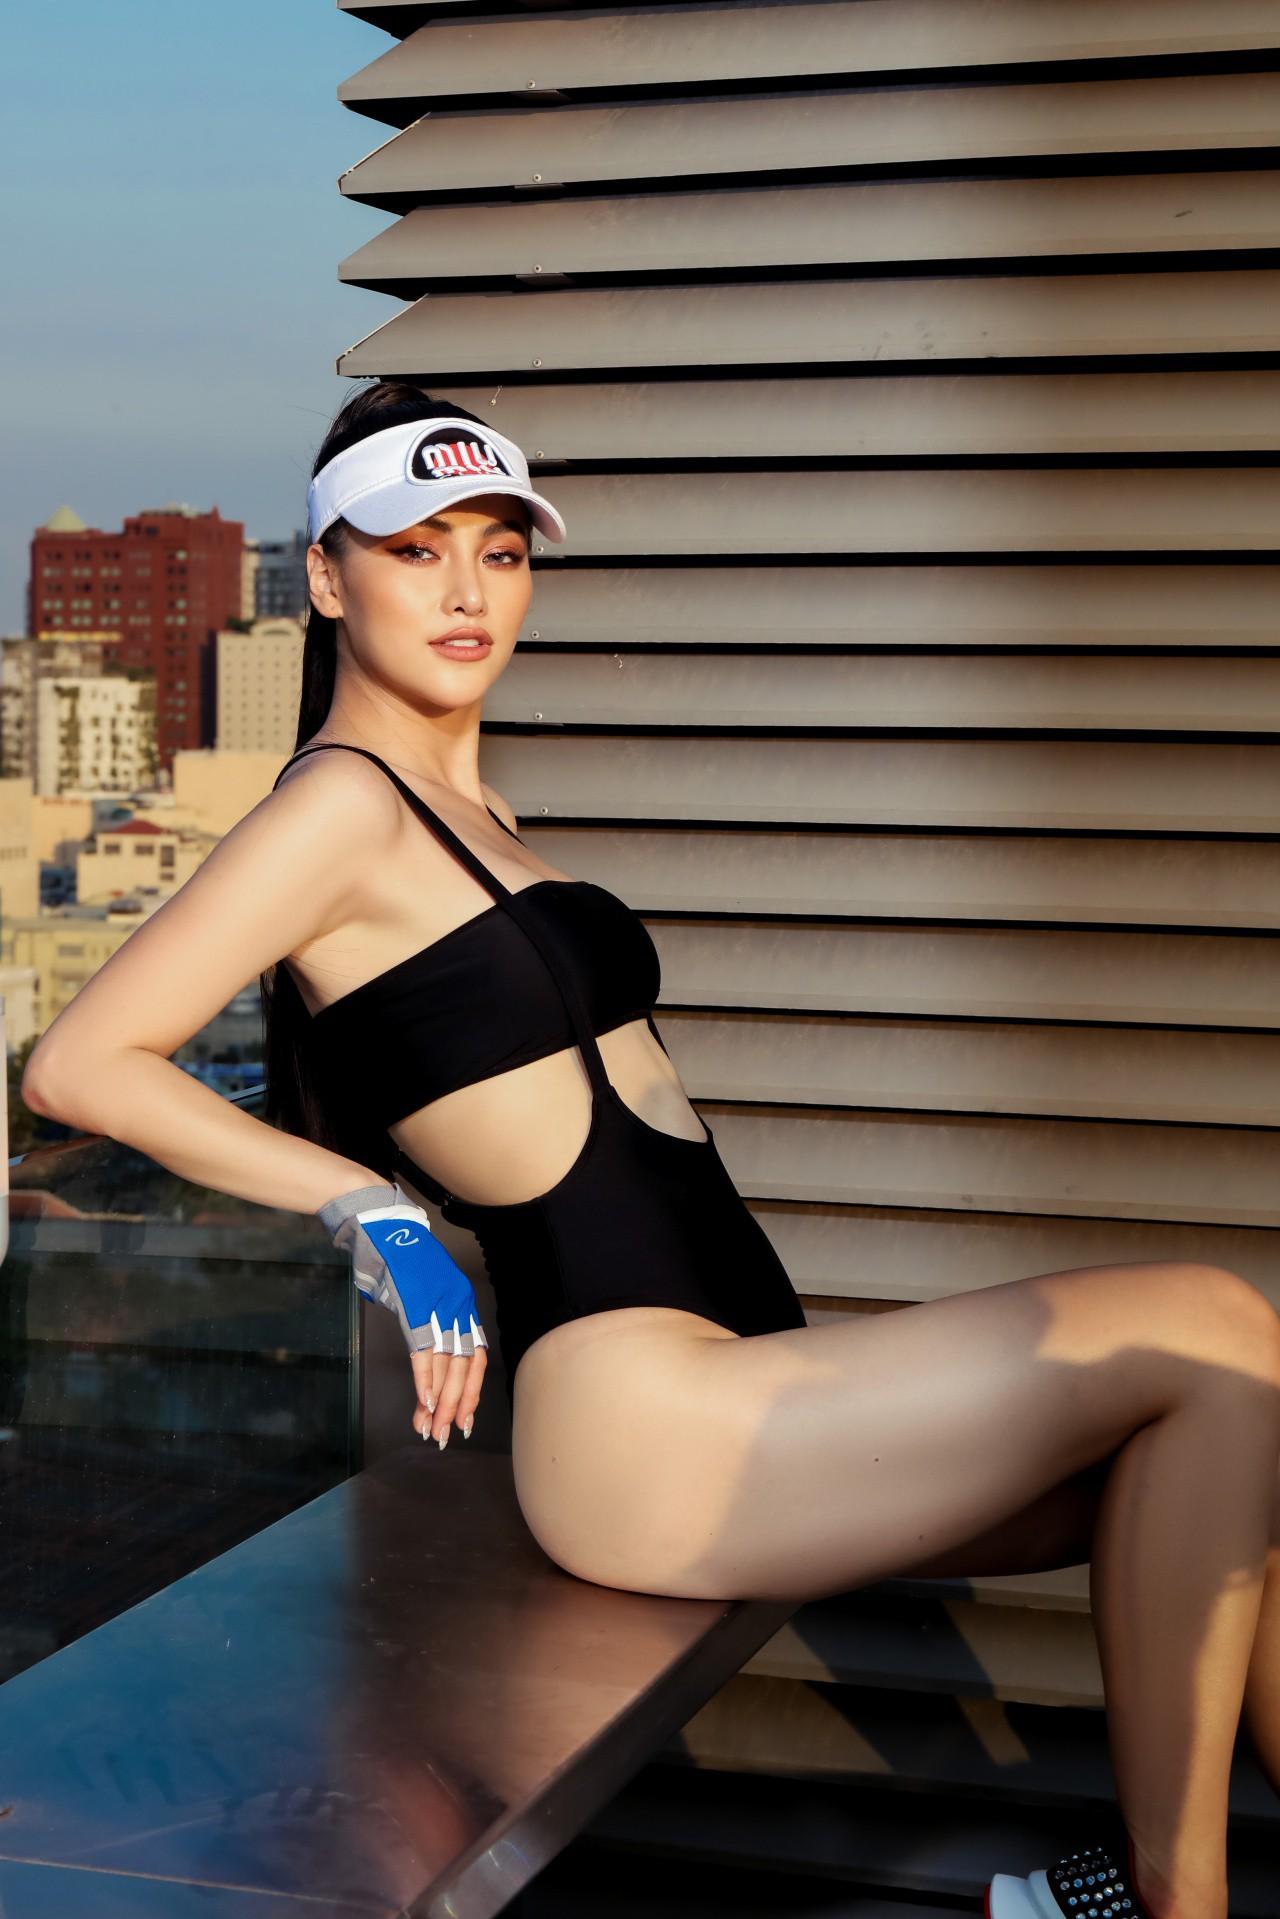 Hoa hậu Phương Khánh mặc bikini khoe body nóng bỏng, chân dài thẳng tắp trên nóc toà nhà cao tầng - Ảnh 21.